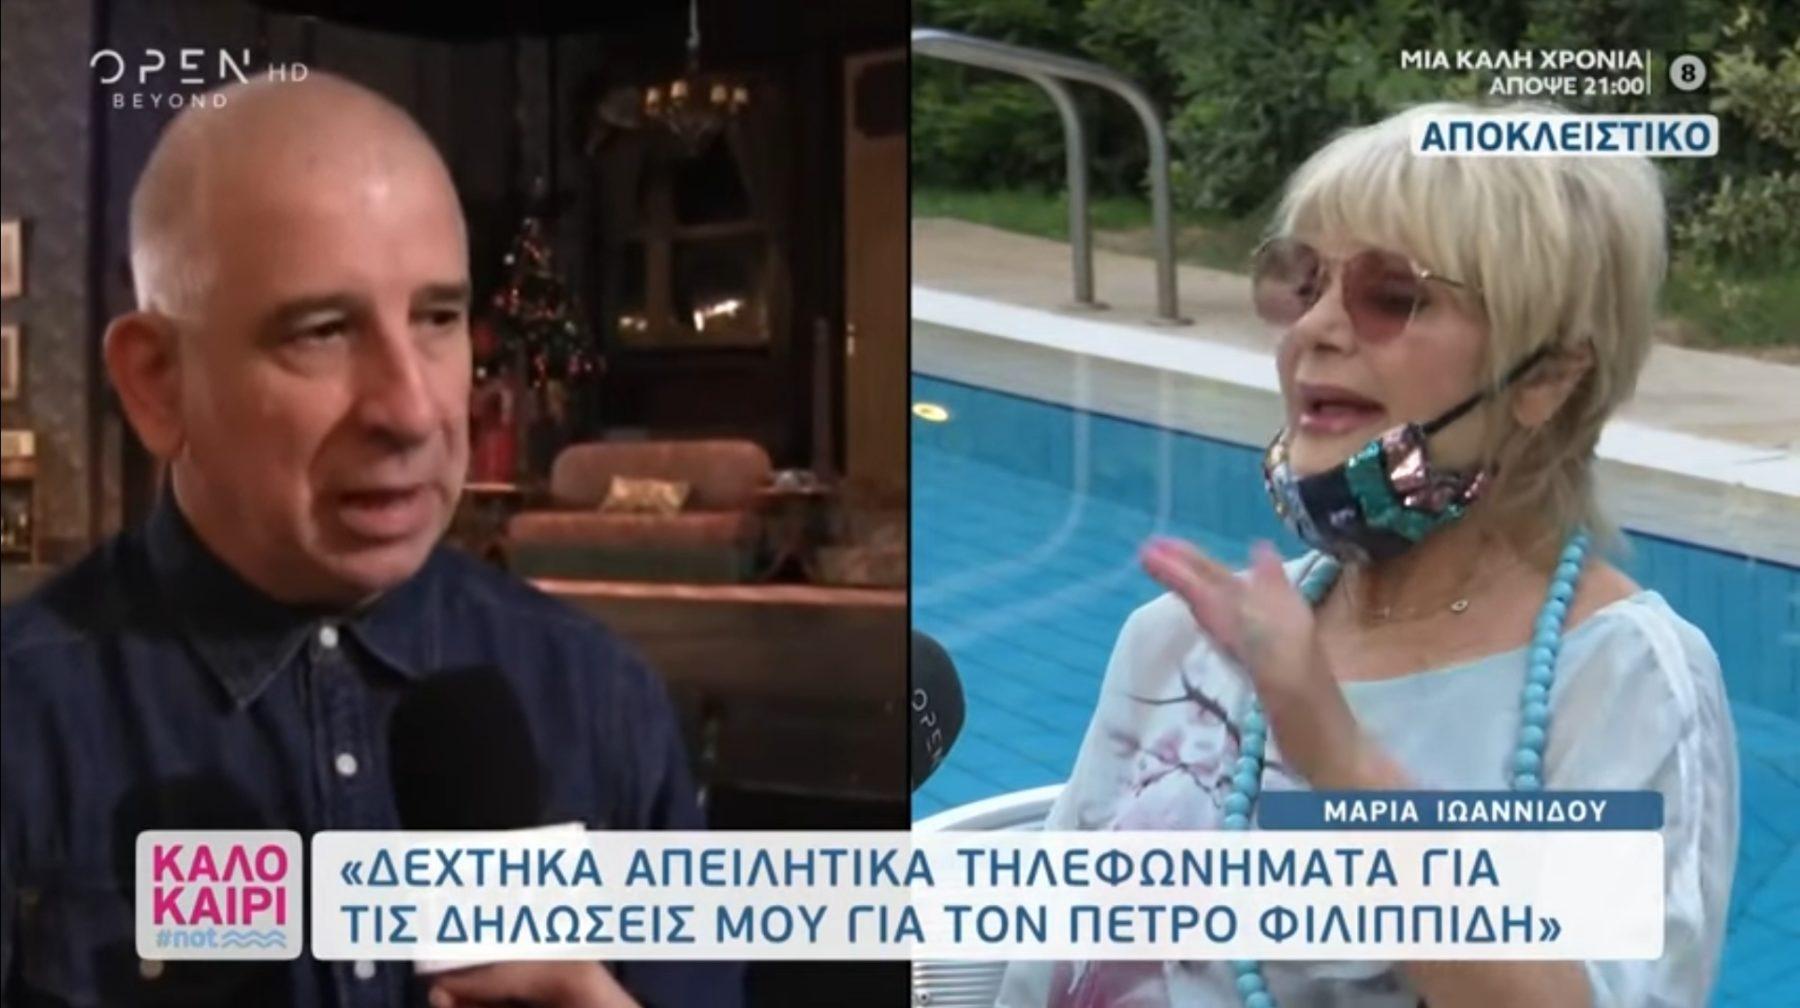 """Συνεχίζει να προκαλεί η Μαρία Ιωαννίδου με τις δηλώσεις της υπέρ του Πέτρου Φιλιππίδη """"Πενθούμε έναν μεγάλο καλλιτέχνη"""""""